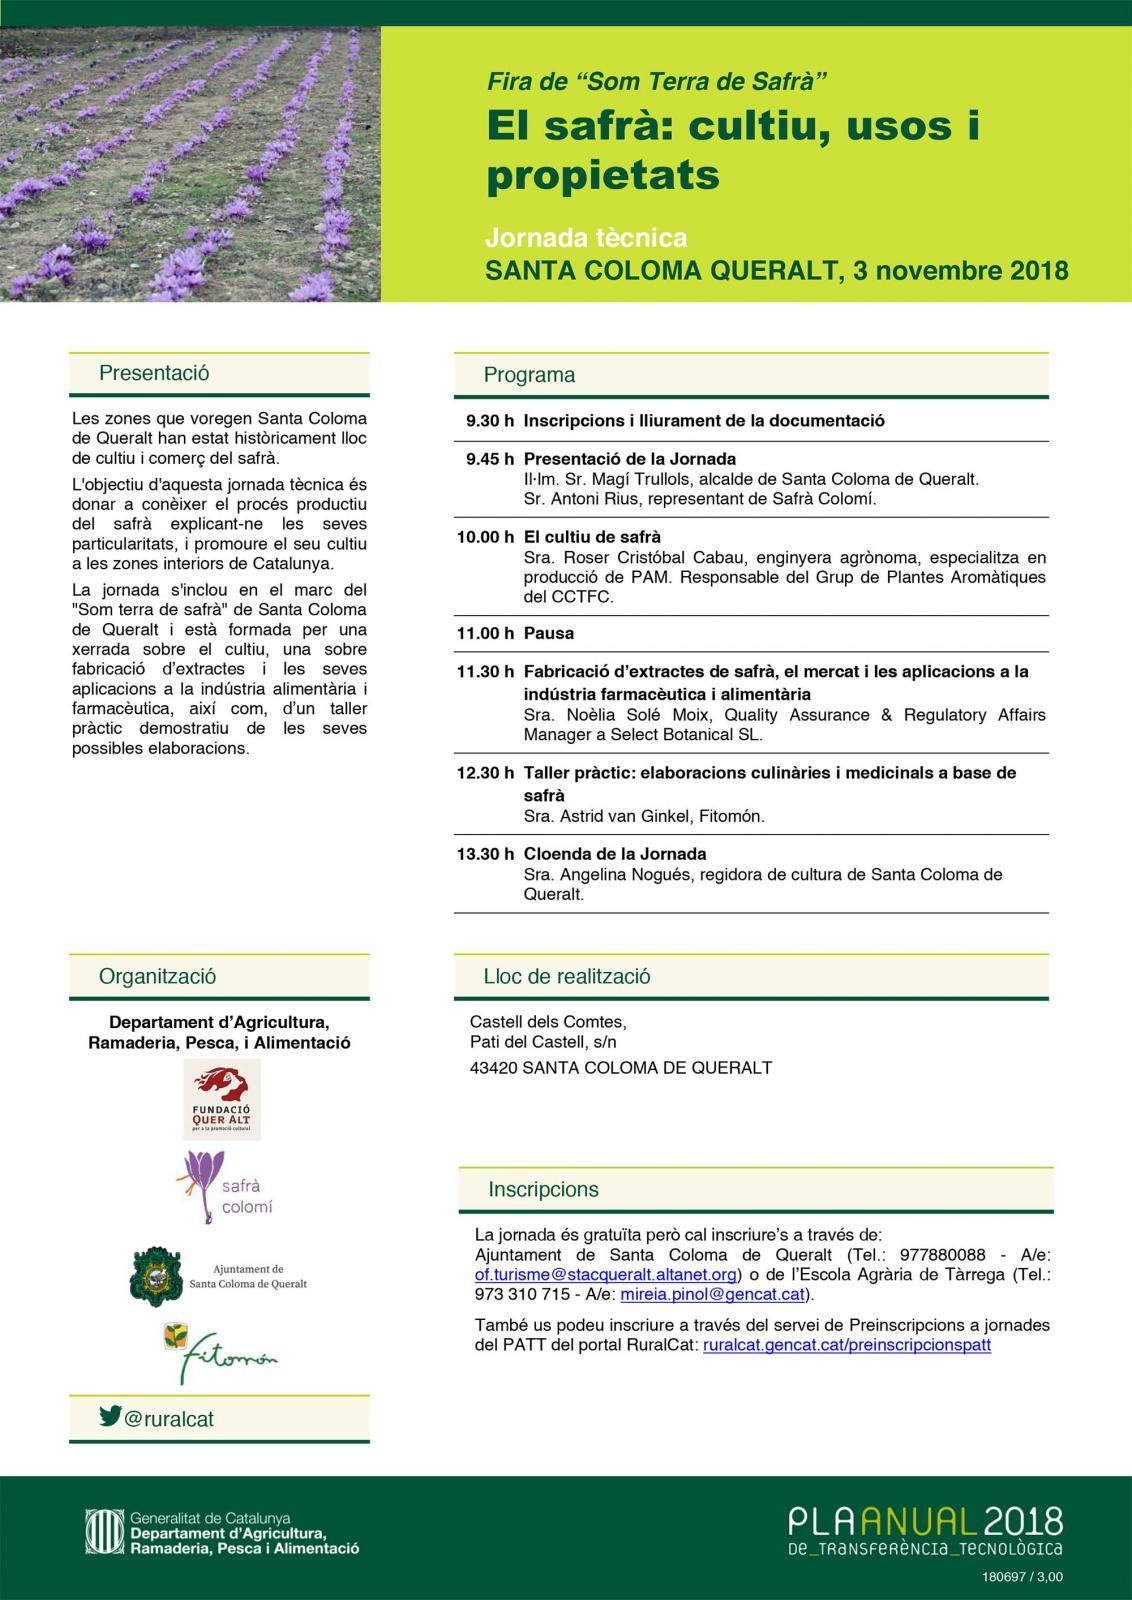 Jornada tècnica 'El safrà: cultiu, usos i  propietats'